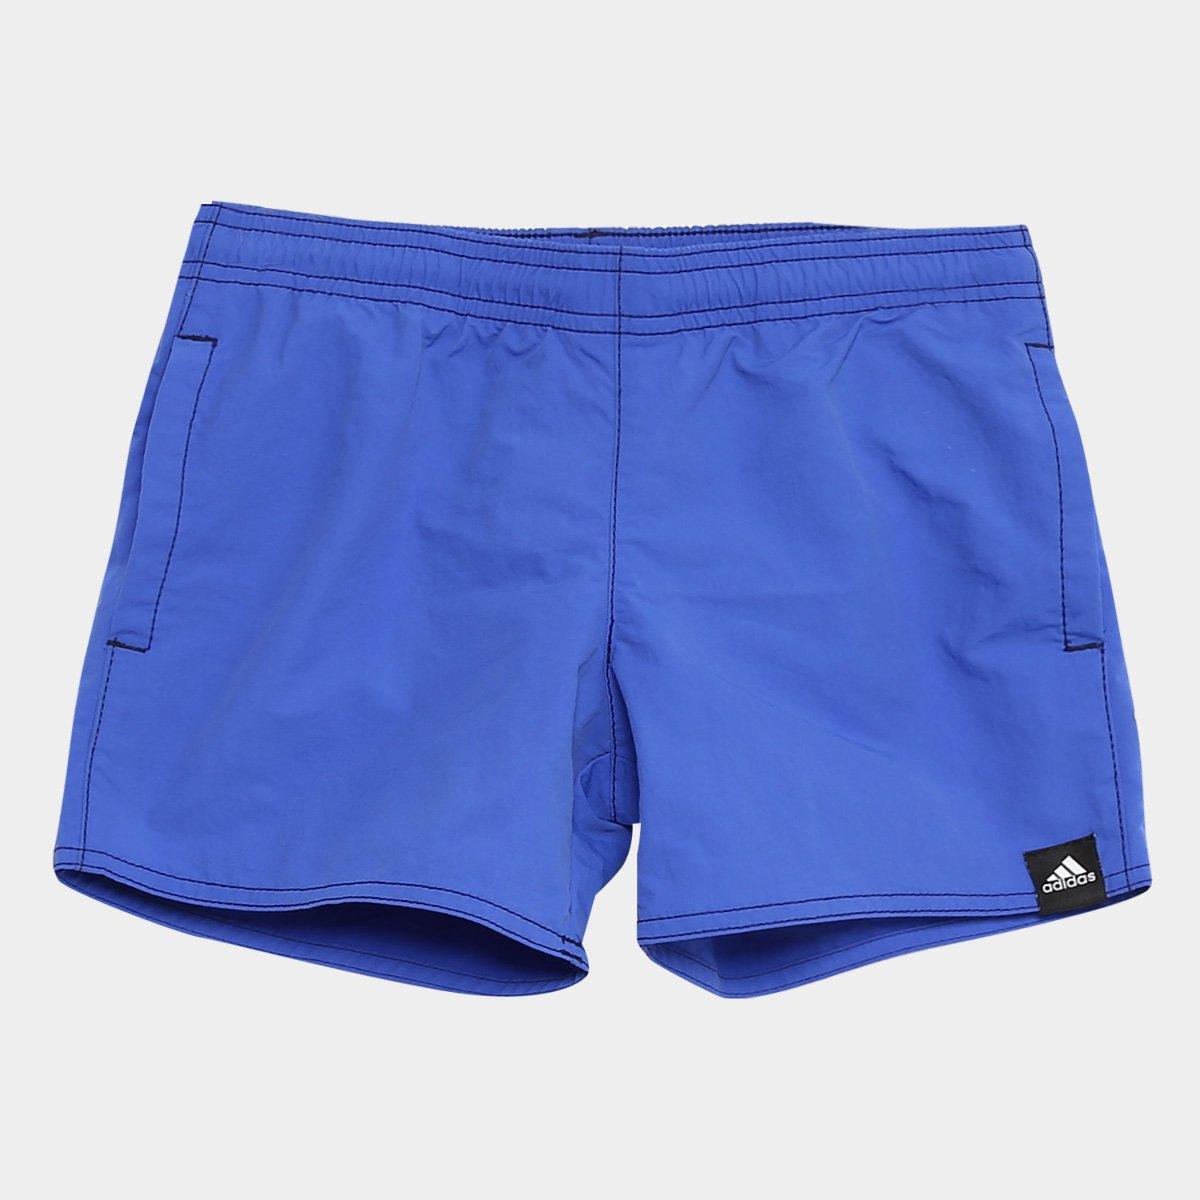 3f93c5489a8 43%OFF Bermuda D Água Adidas Solid Juvenil Masculina